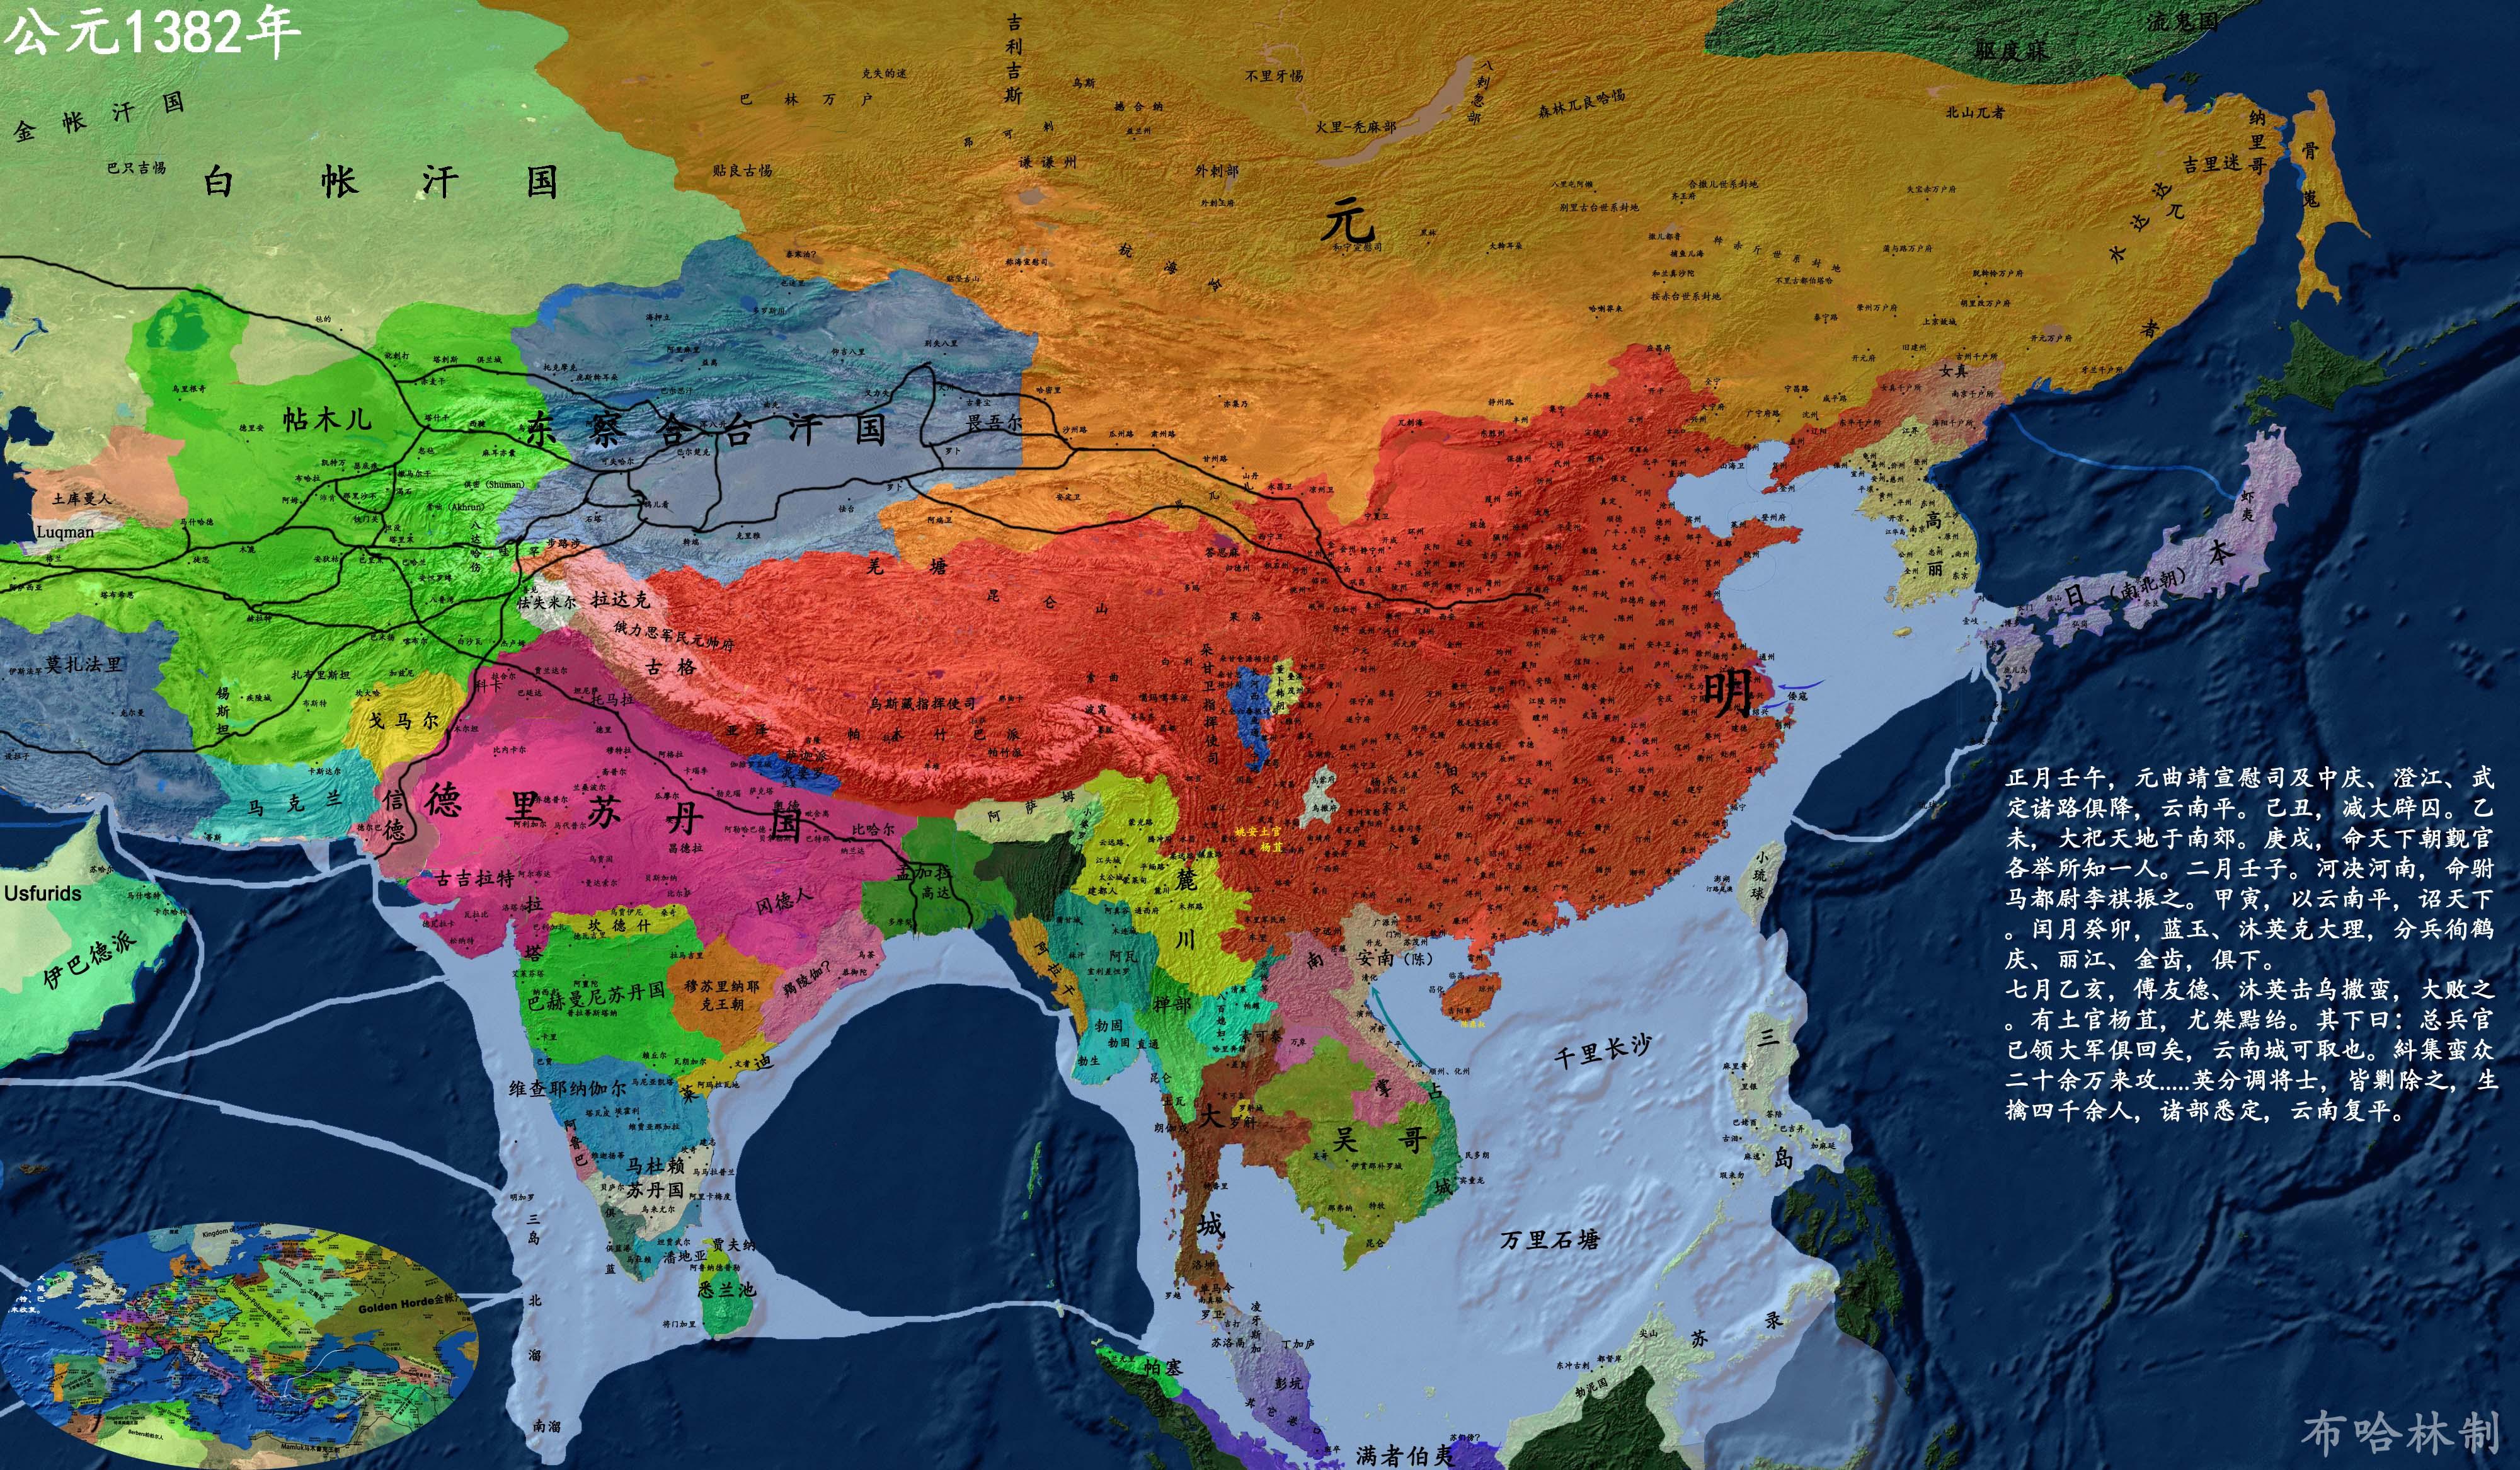 详细中国历史地图版本3-靖难与永乐